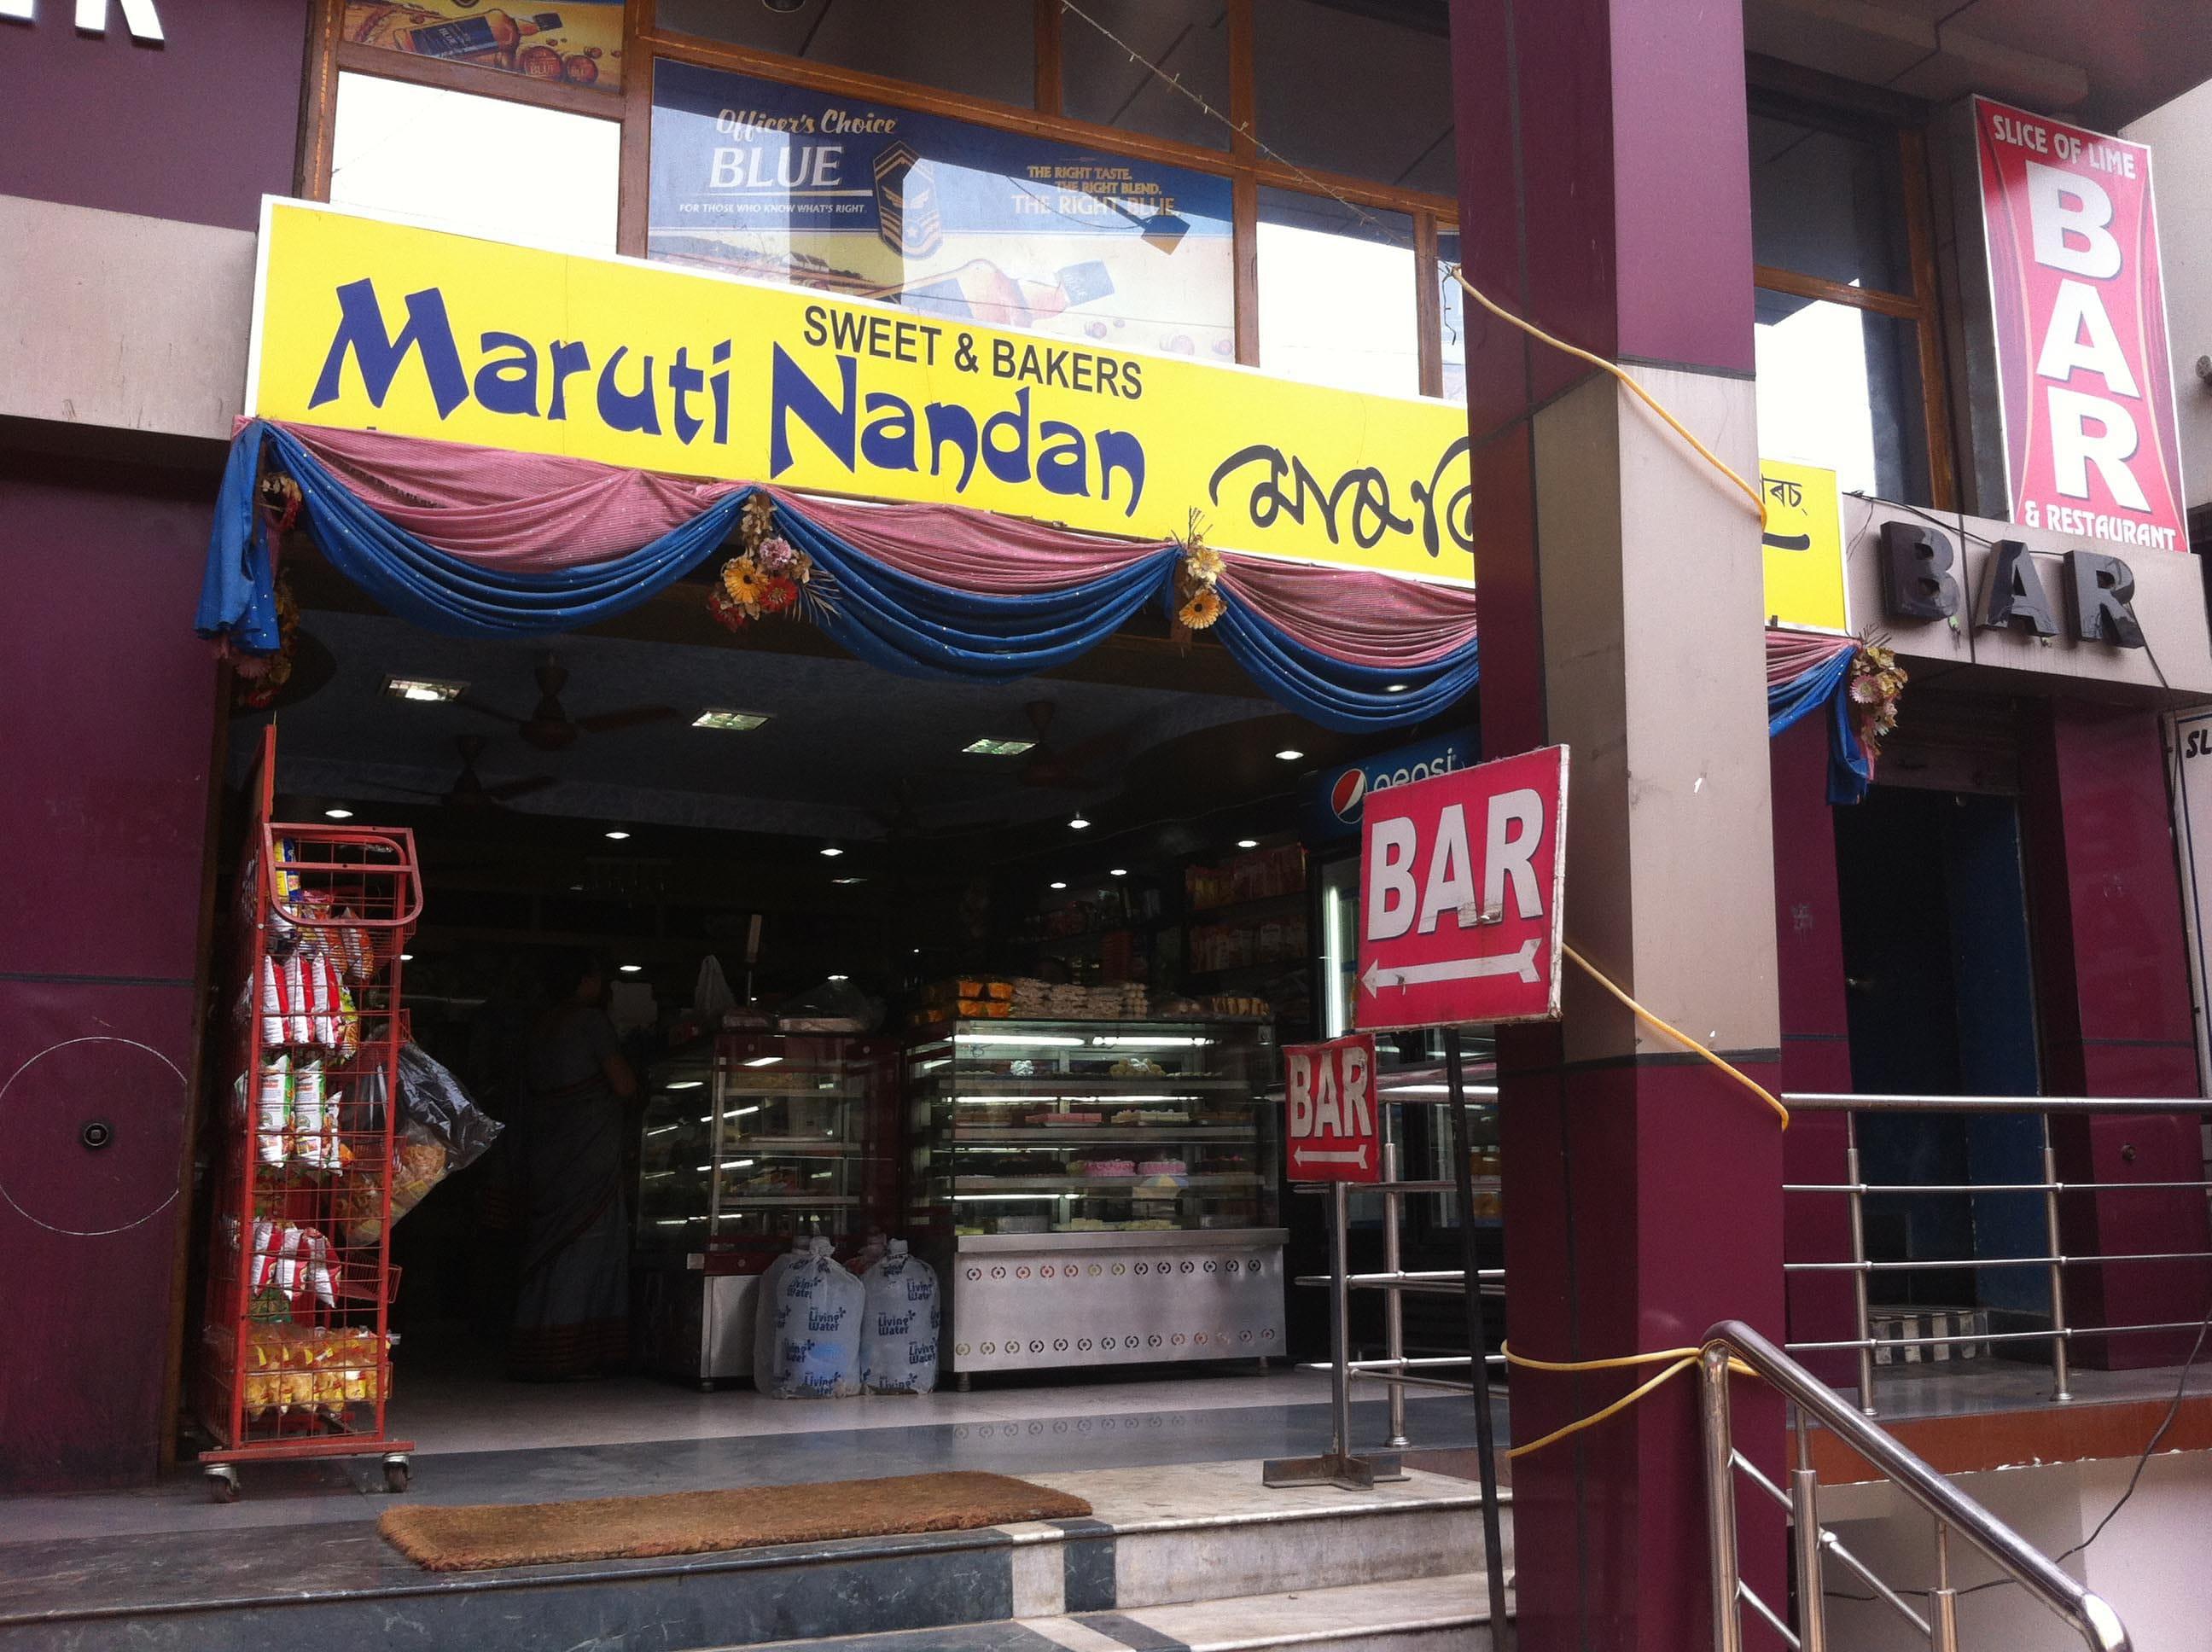 Maruti Nandan Sweets and Bakers - Khanapara - Guwahati Image